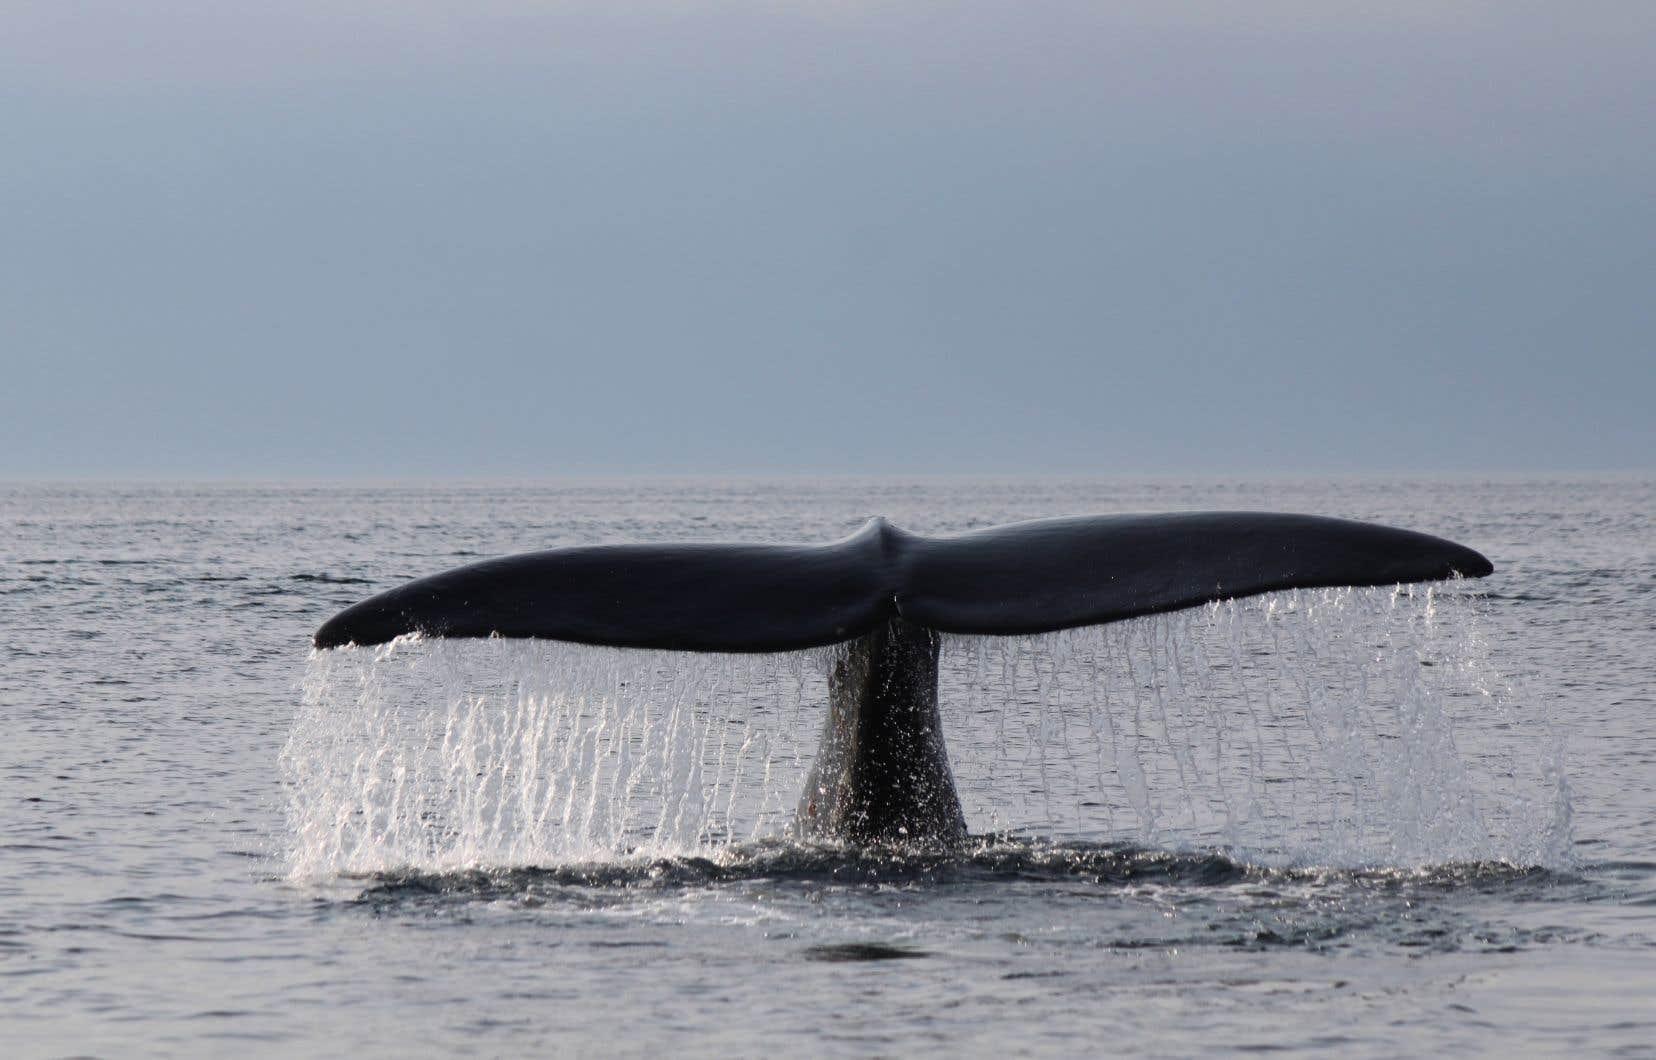 Depuis l'hécatombe de 2017, le gouvernement fédéral a mis en place une surveillance aérienne constante afin de vérifier la présence des baleines noires et signaler les mortalités.